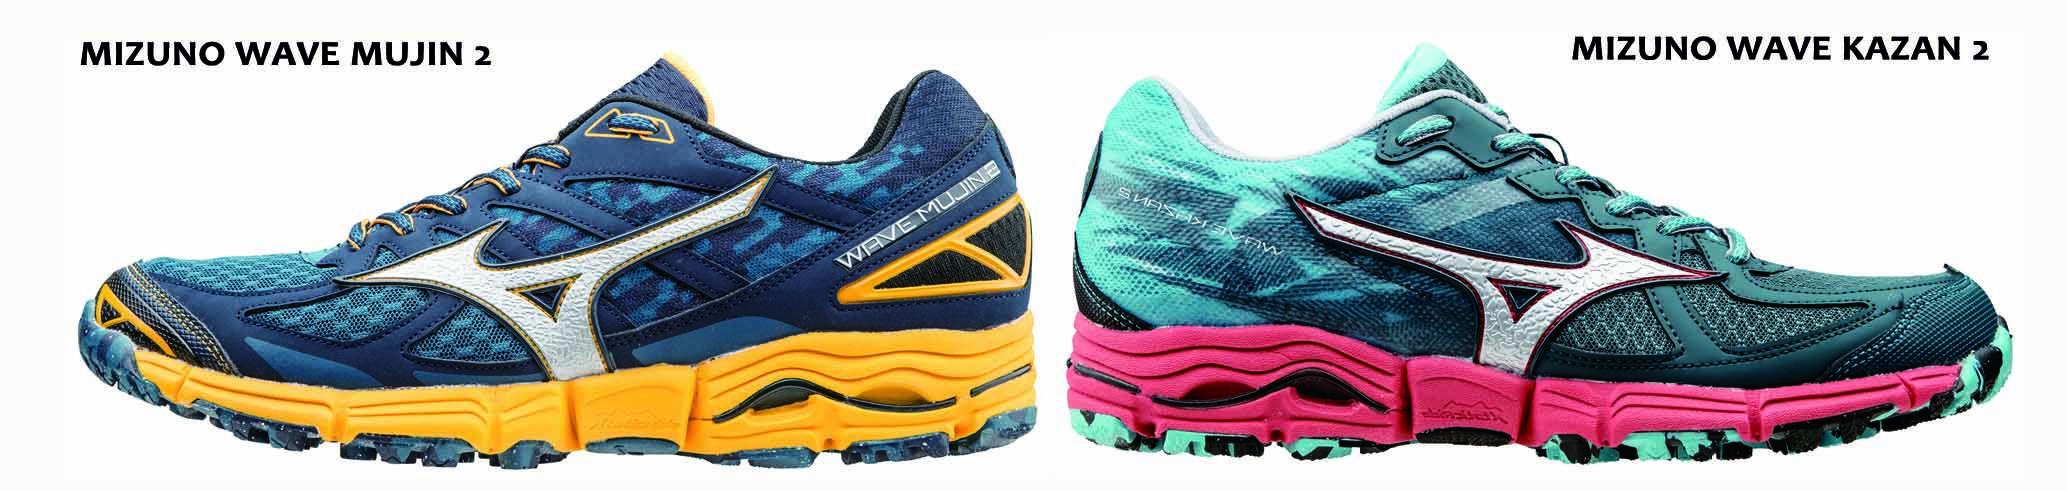 Mizuno Zapatillas De Running Wave Mujin 2